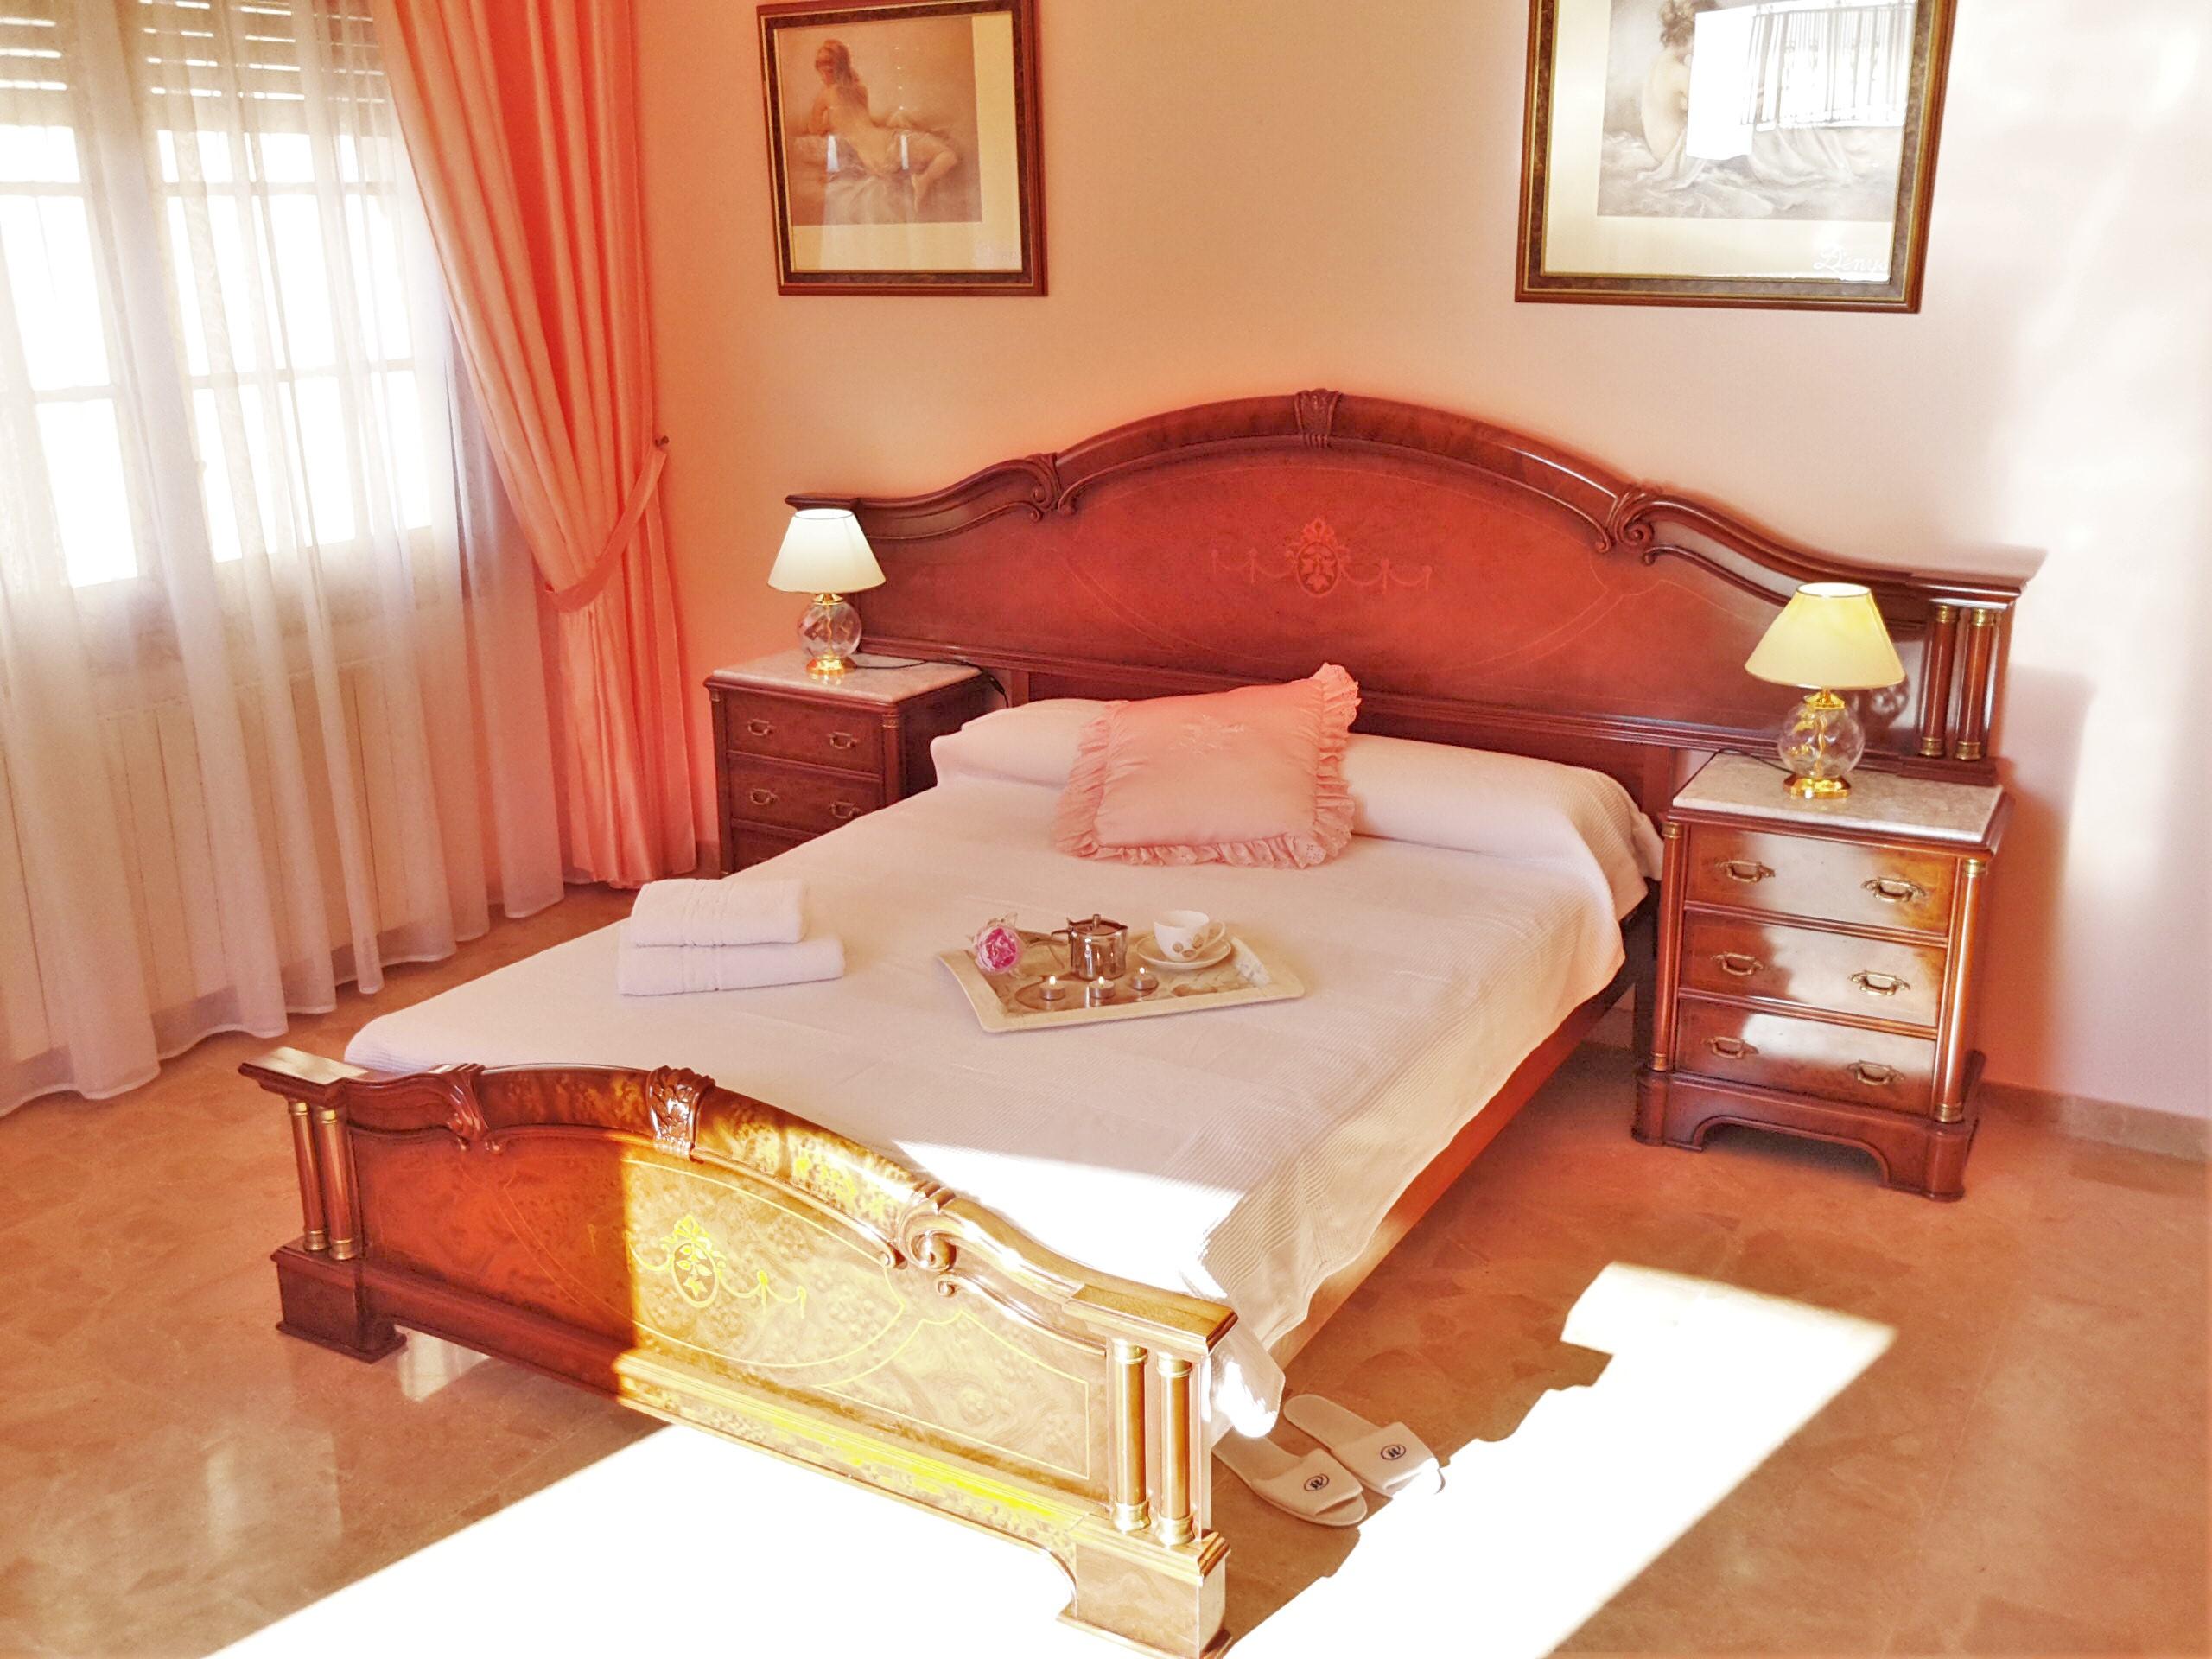 dormitorio VI: cama doble